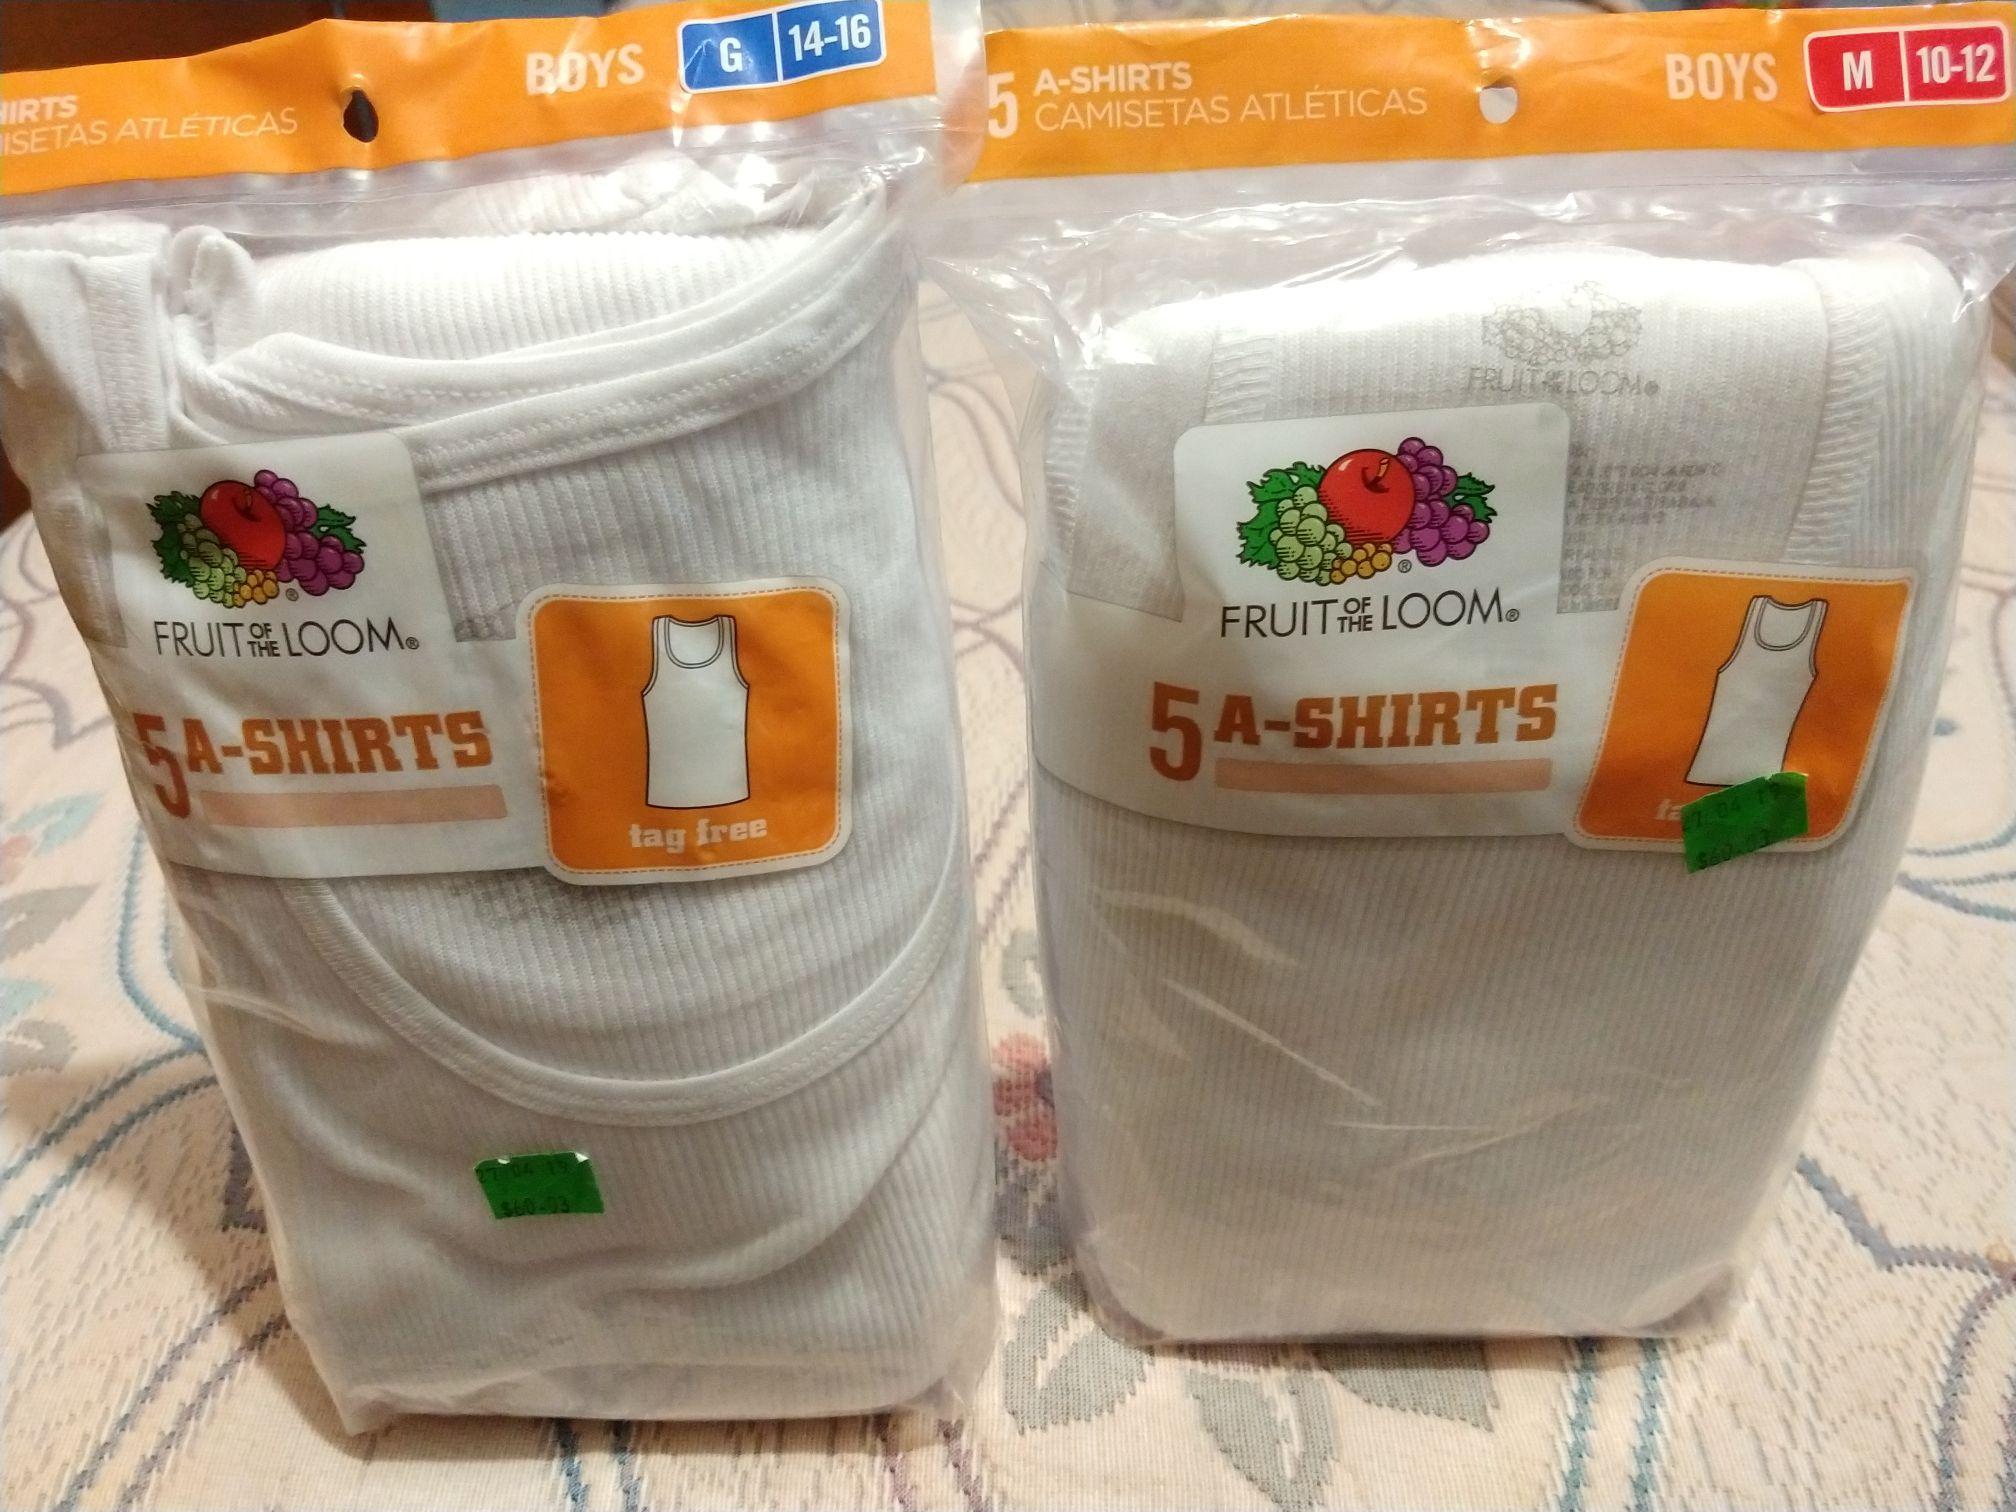 Walmart Unidad Taxqueña: Paquete de 5 Camisetas Fruit of the Loom en $30.02, Pijama Hello Kitty en $60.02, Legging Danskin Now en $60.02